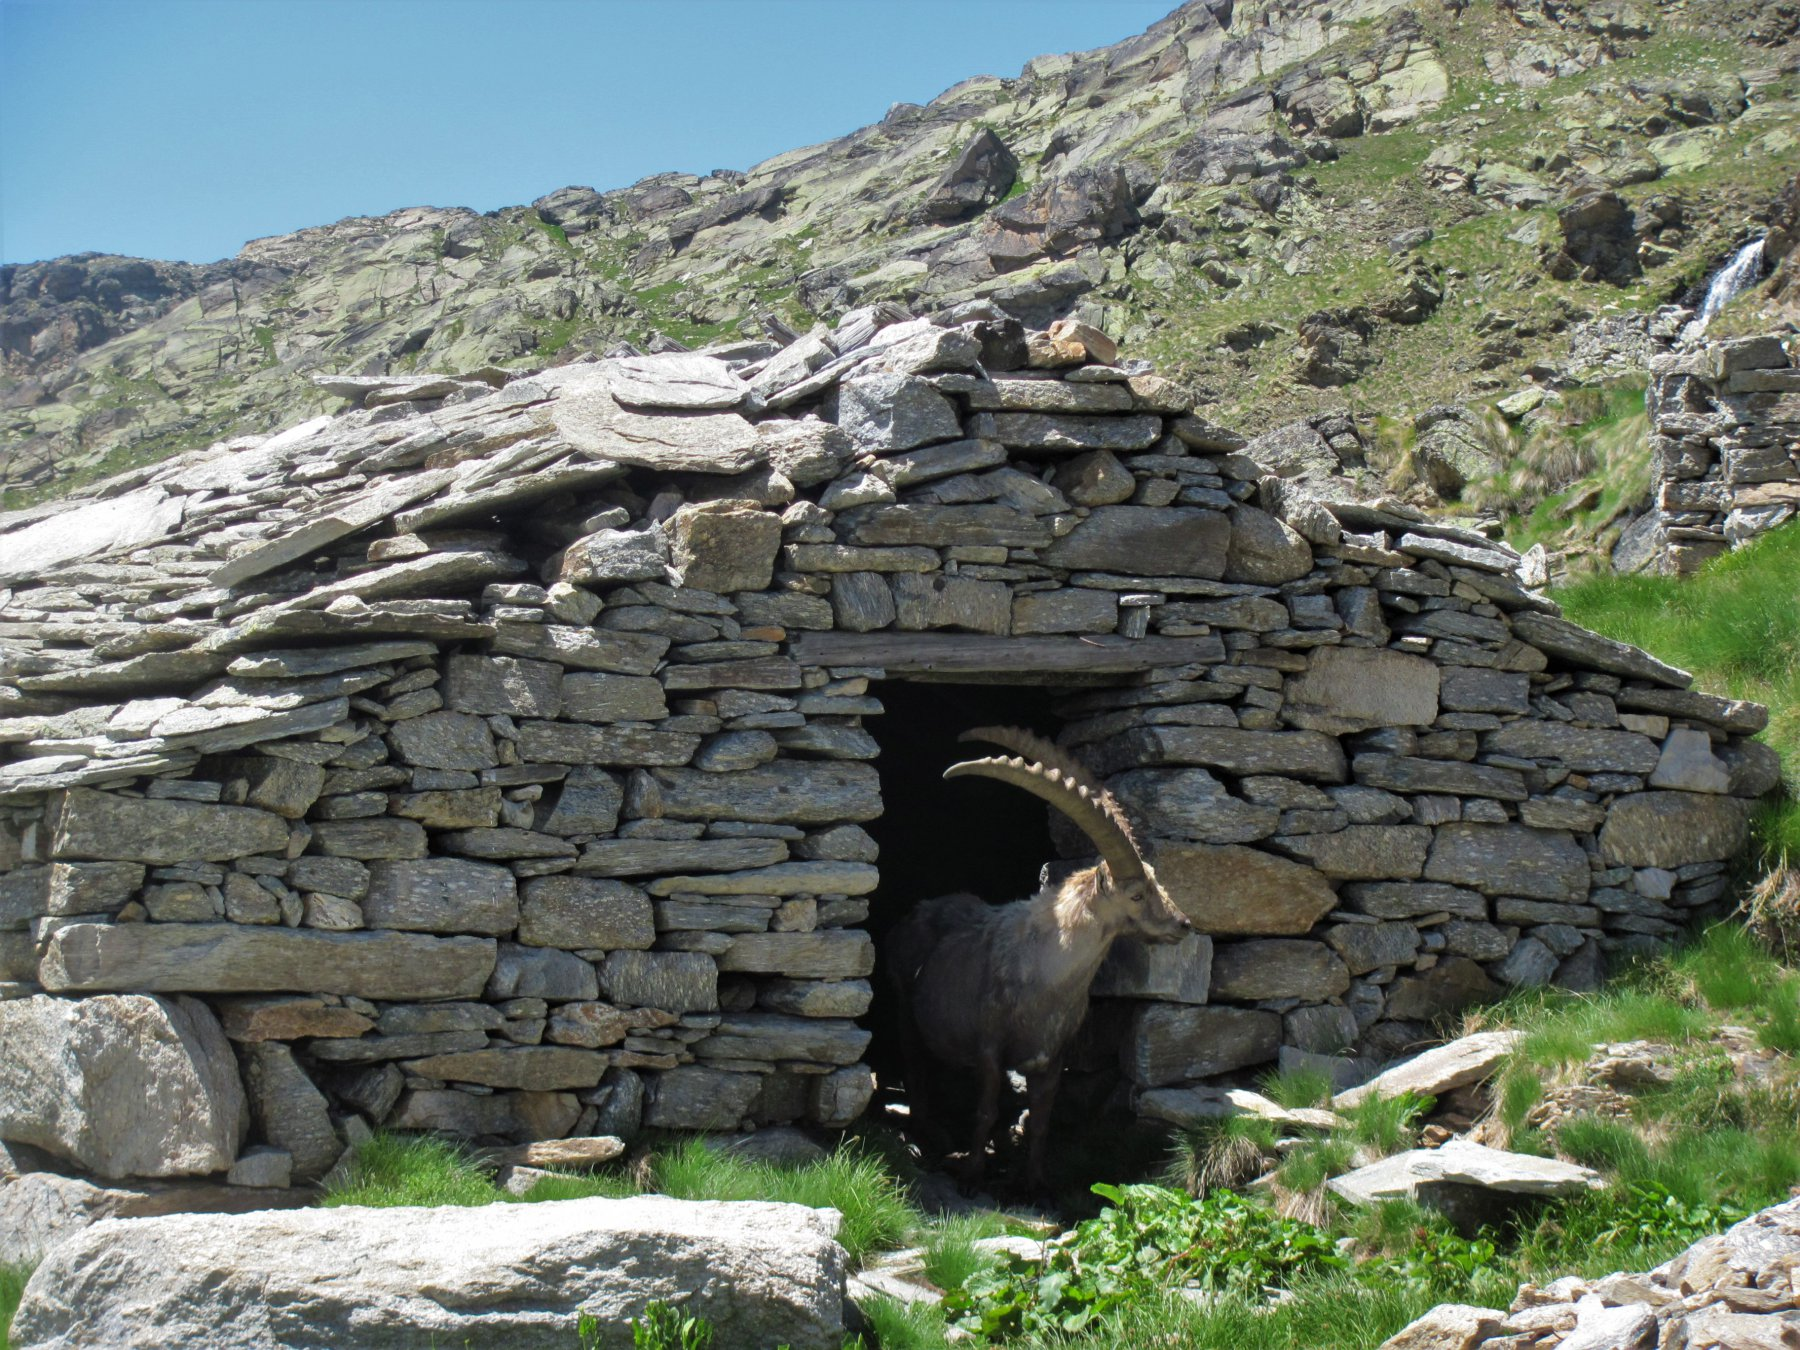 stambecco anziano esce (!) dall'Alpe Comba, poco sopra il sentiero